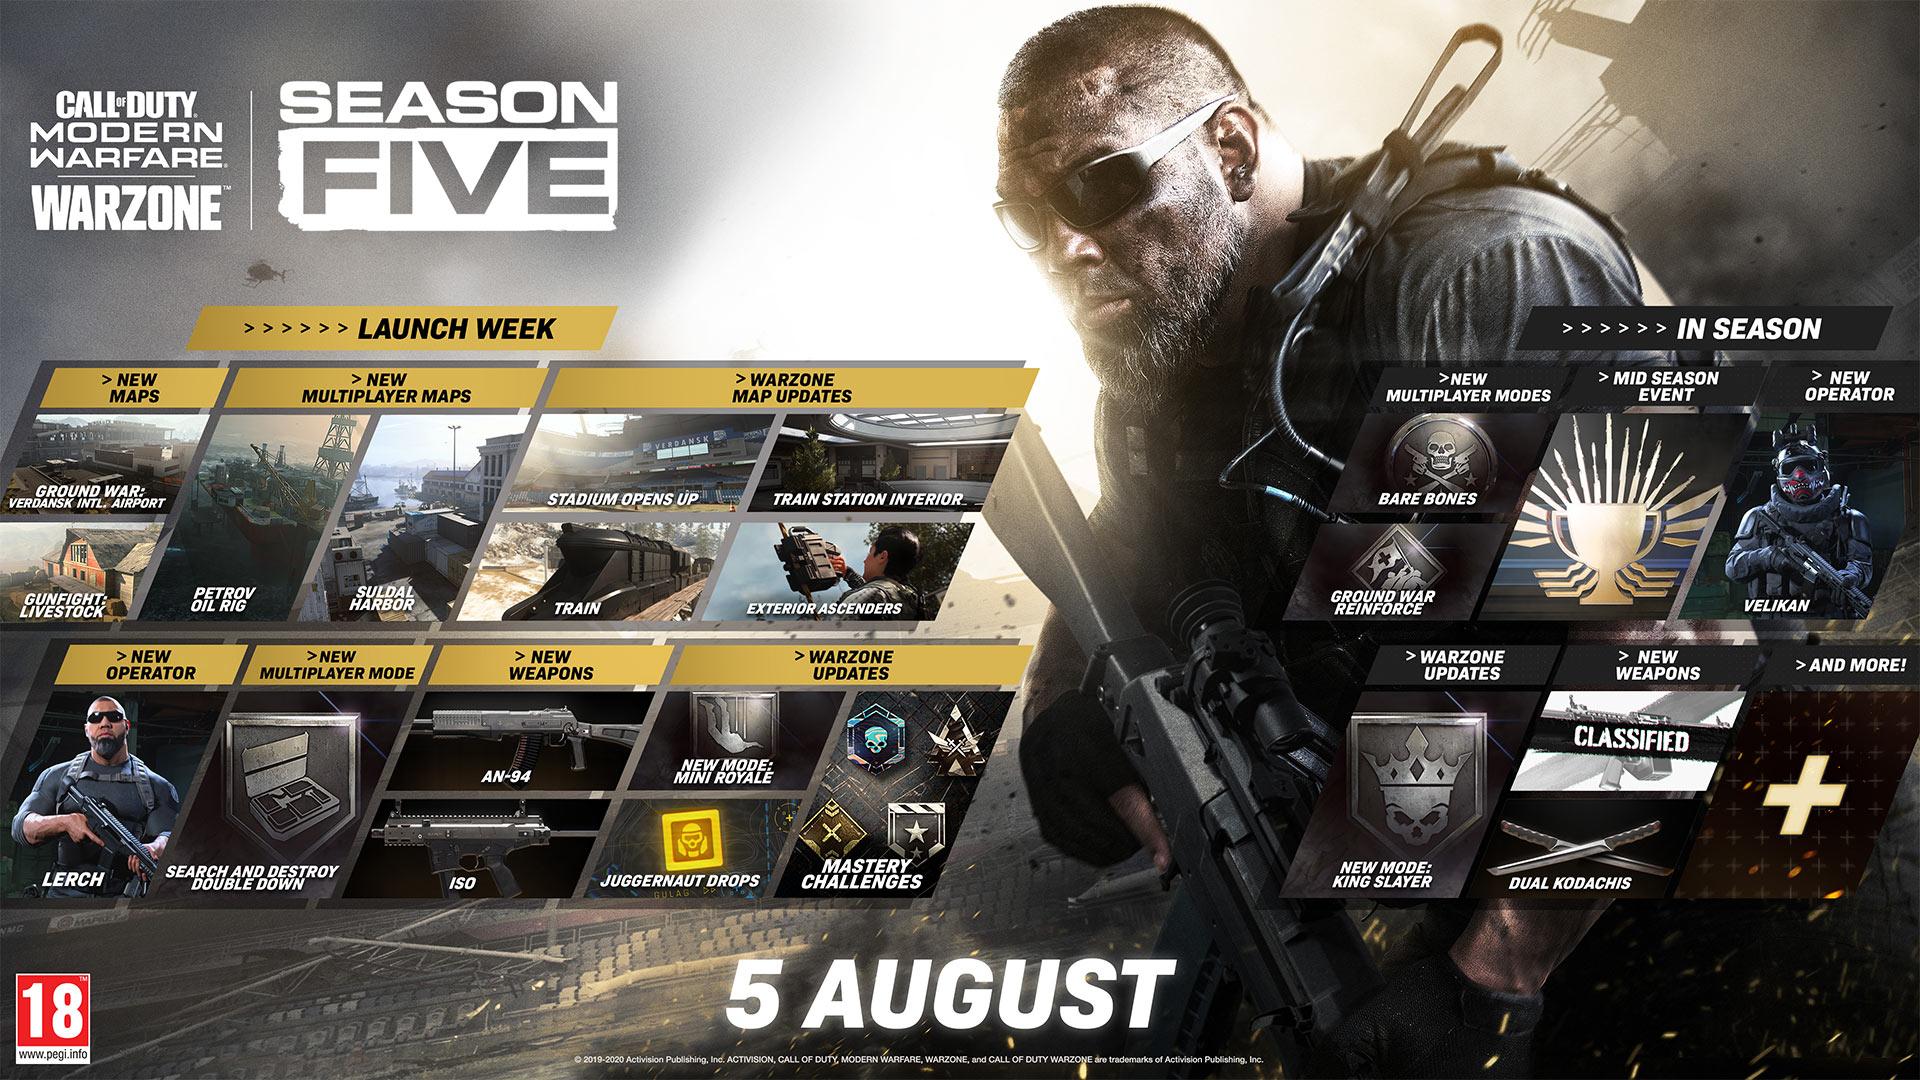 Call Of Duty Modern Warfare Season 5